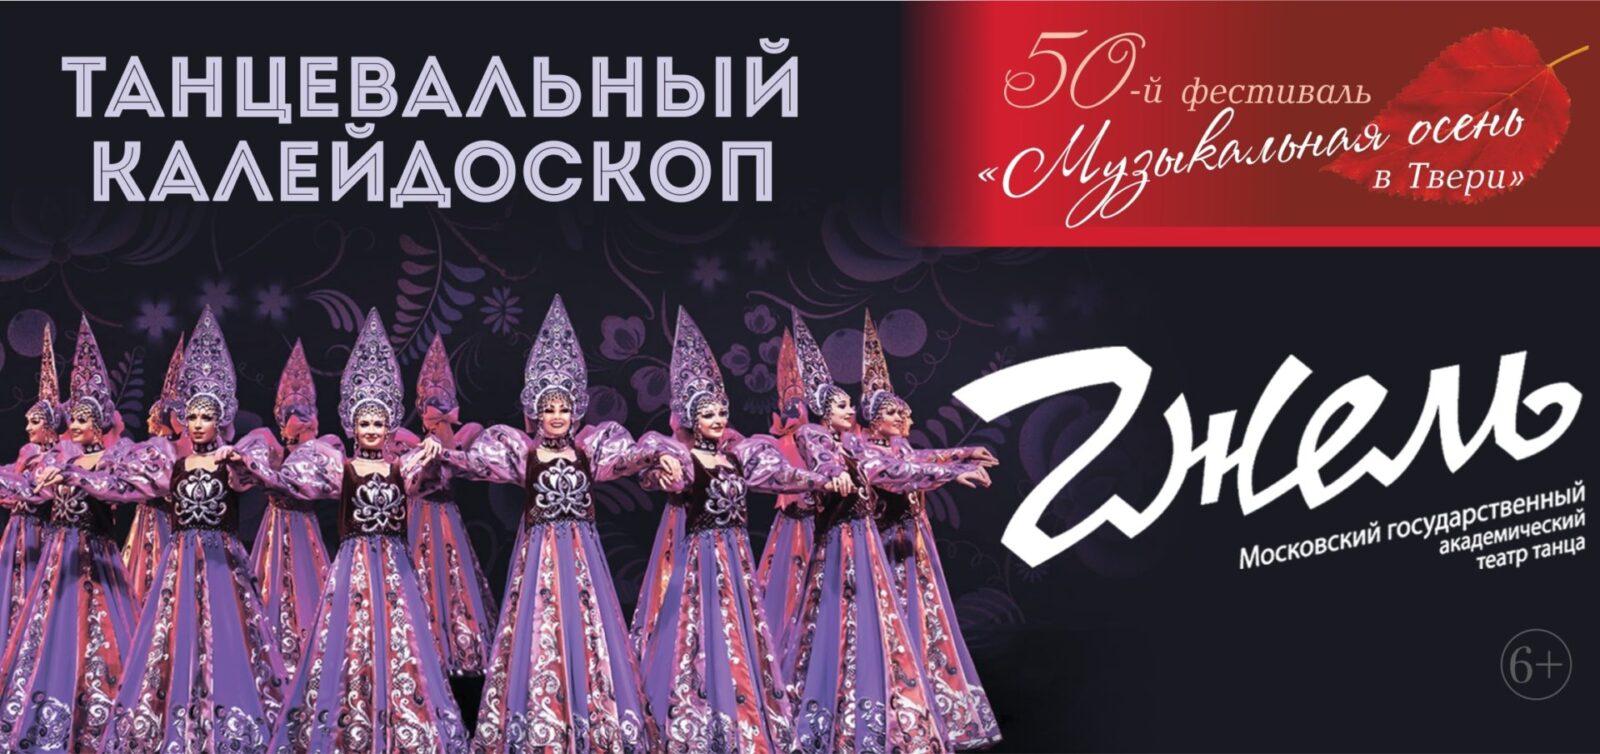 В Твери пройдет «Танцевальный калейдоскоп»